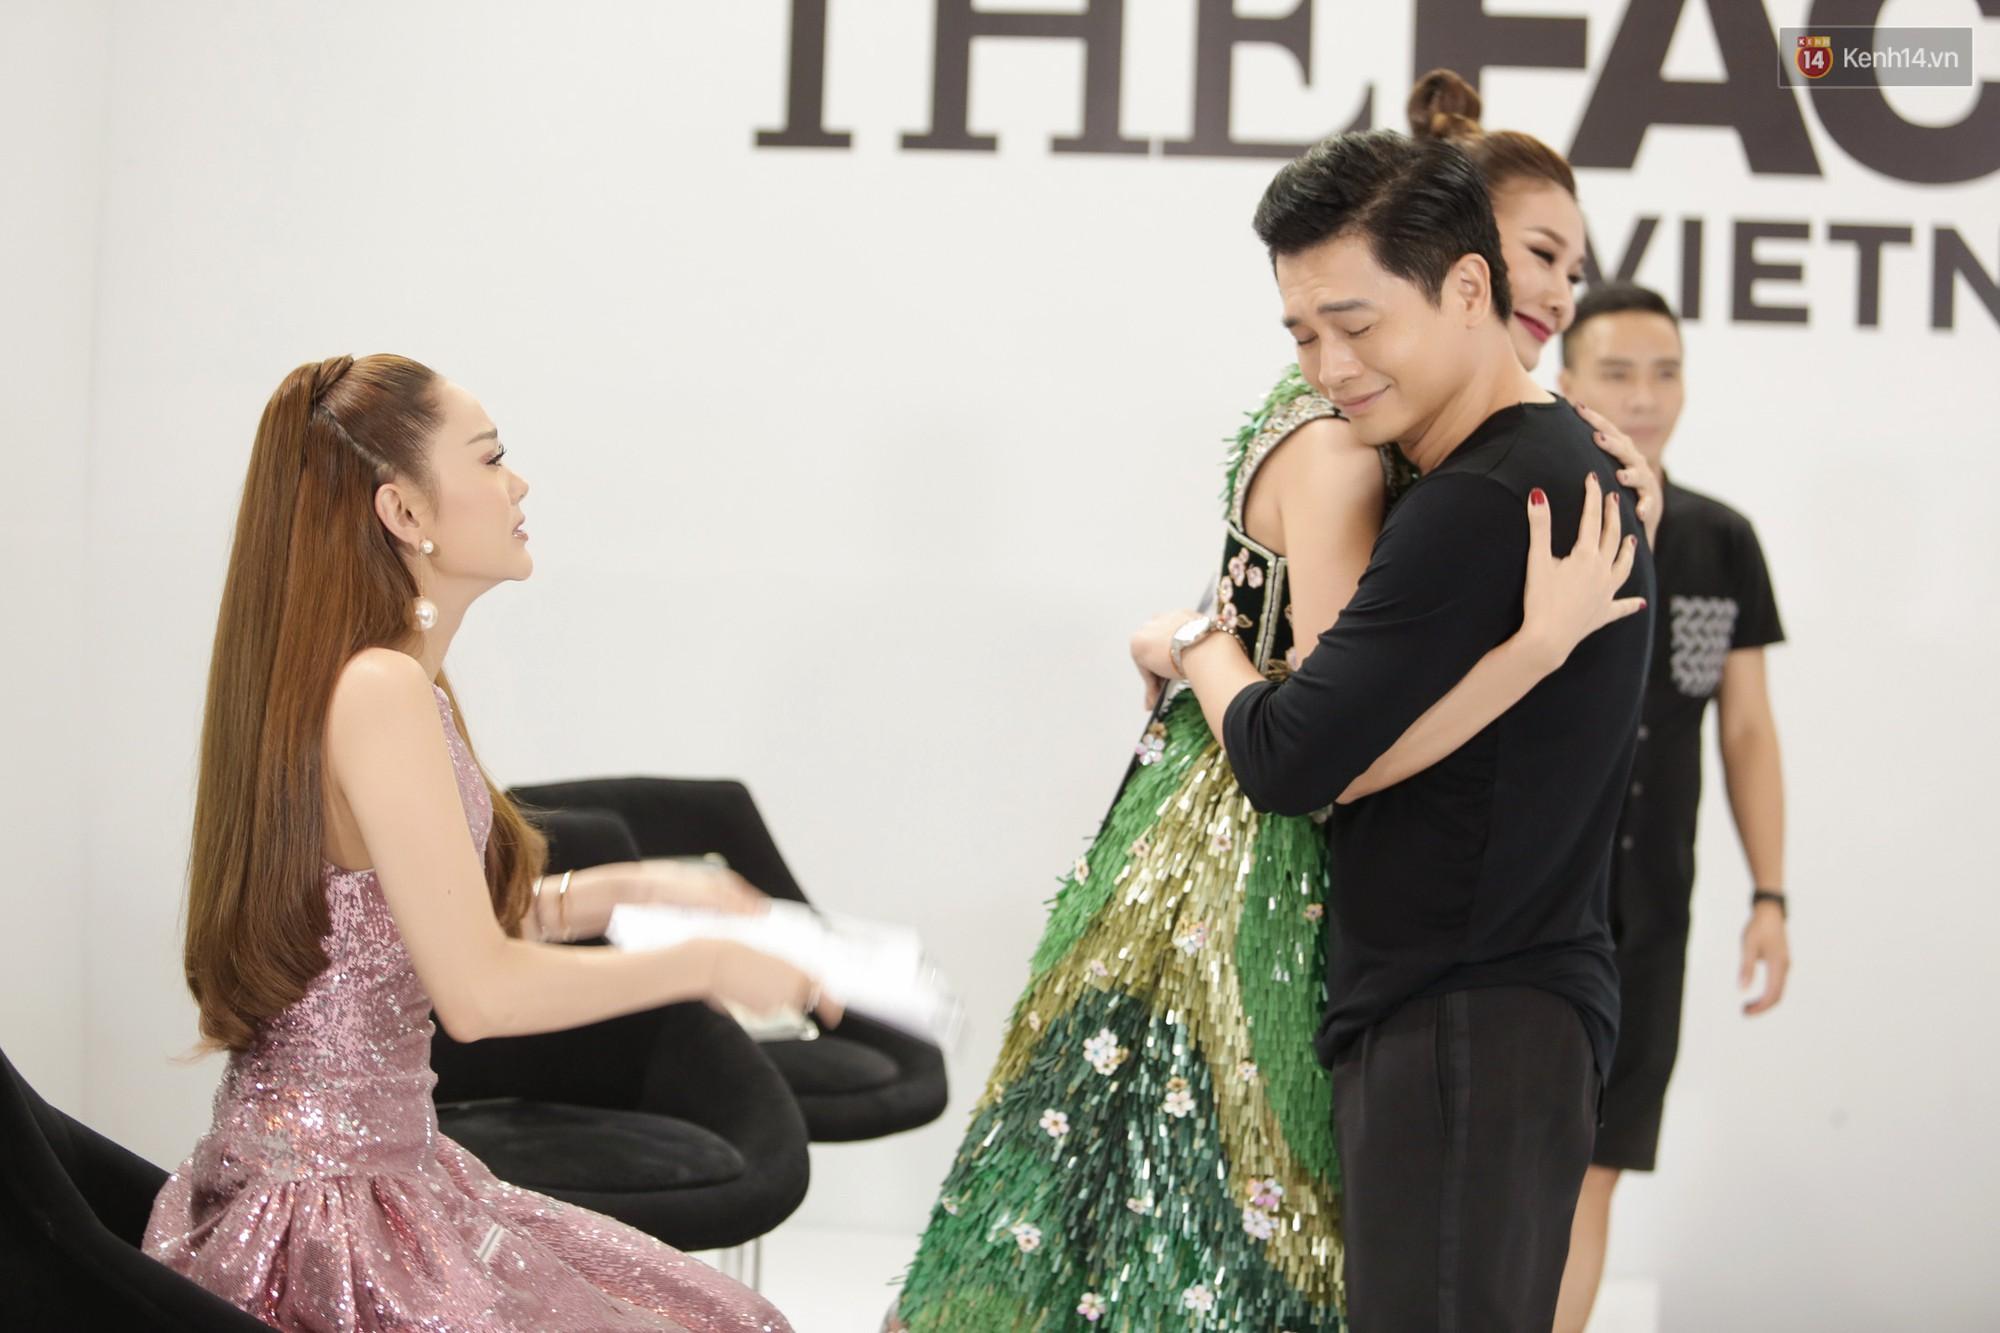 The Face ngày 2: Vắng mặt Võ Hoàng Yến, Song Hằng nhí nhố trong hậu trường với Nam Trung - Ảnh 16.